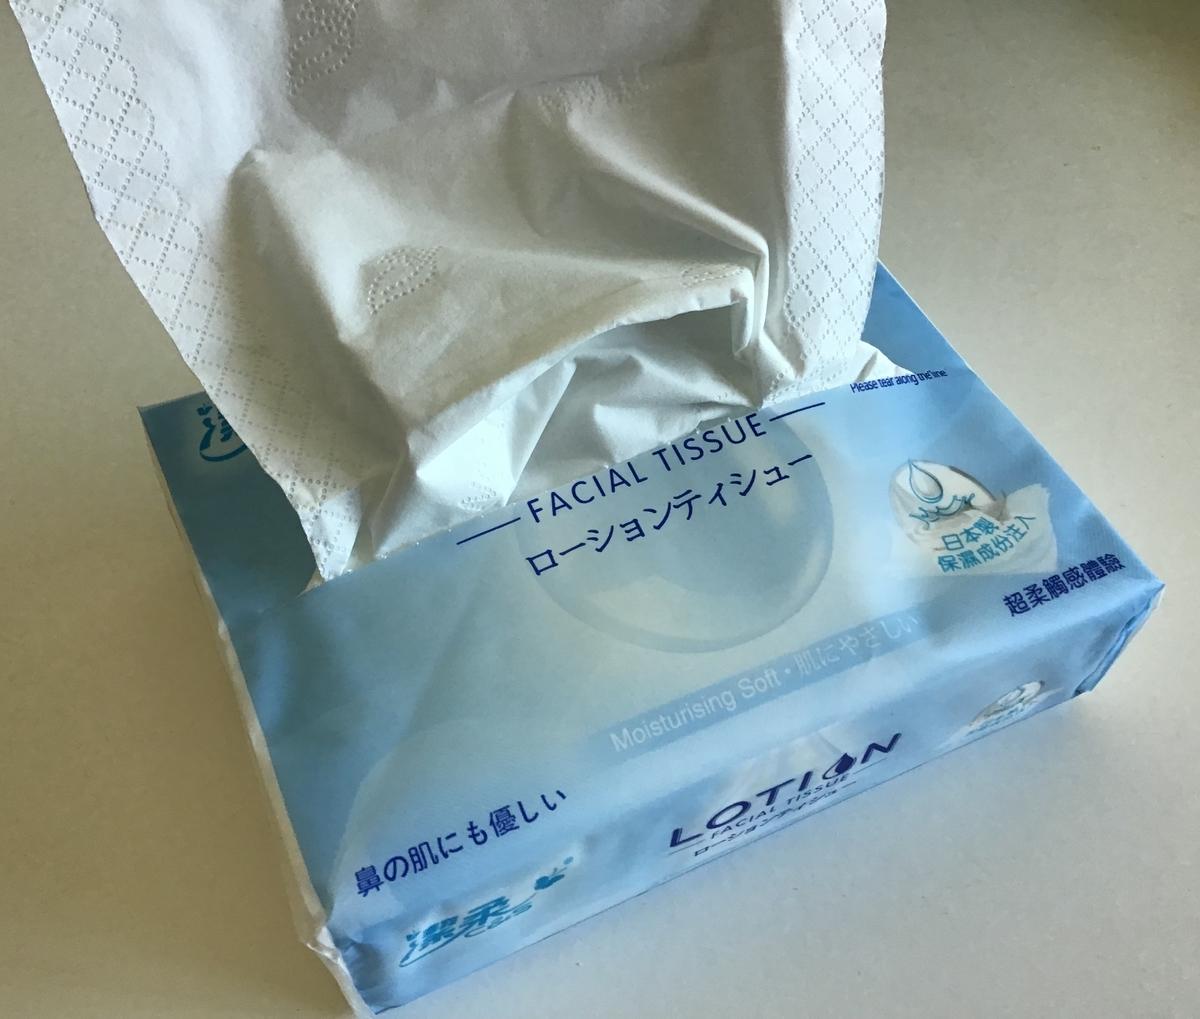 香港 中国 ローションティッシュ Lotion tissue 潔柔